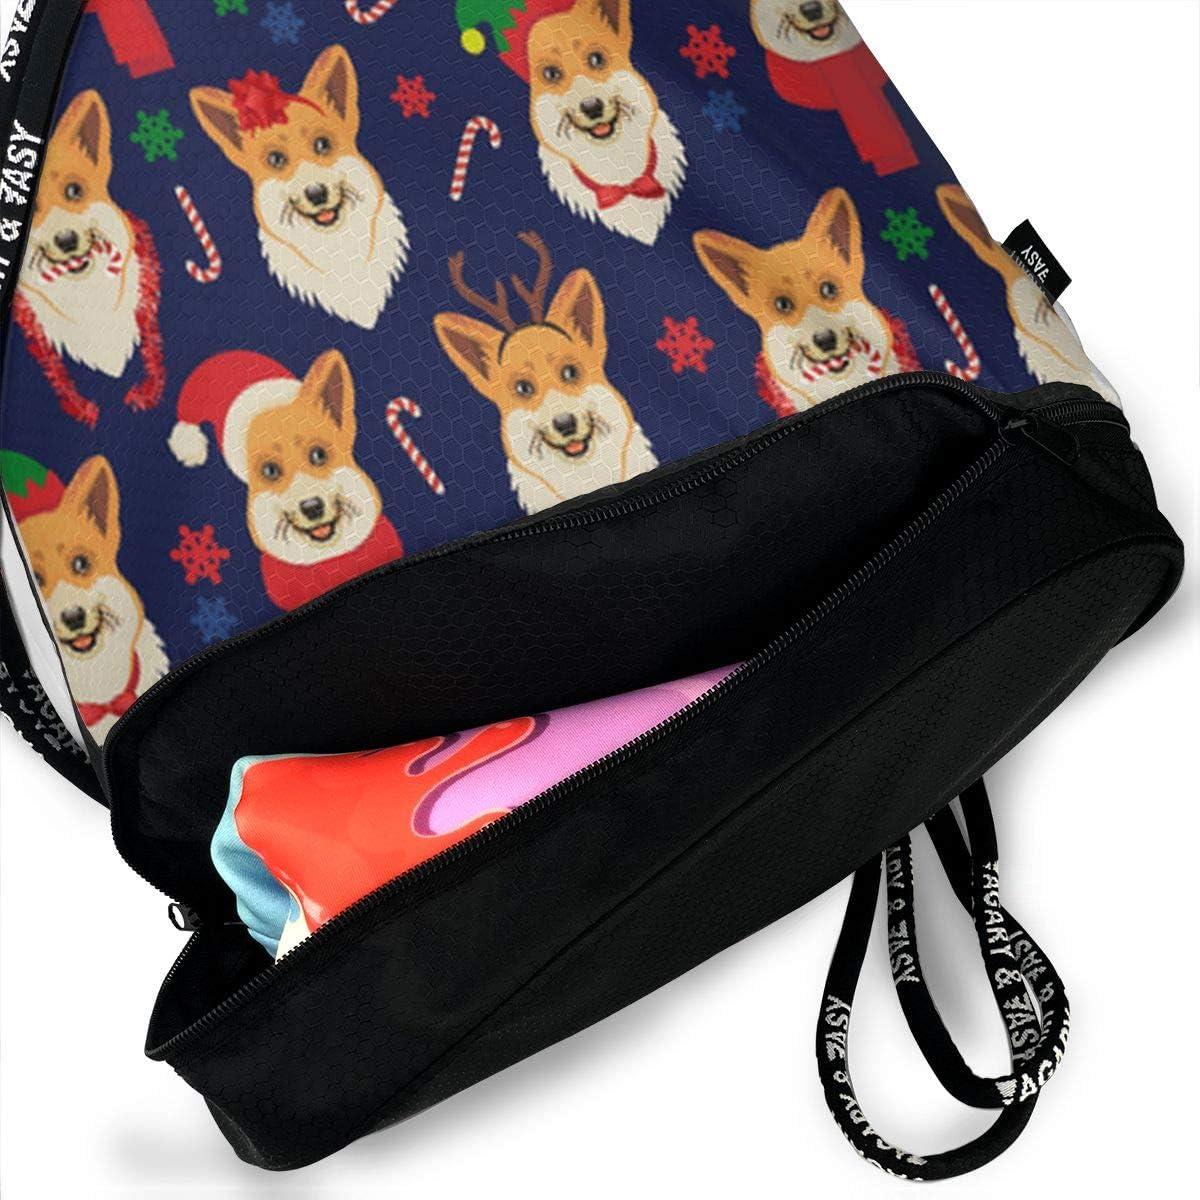 HUOPR5Q Yummy Sushi Pattern Drawstring Backpack Sport Gym Sack Shoulder Bulk Bag Dance Bag for School Travel